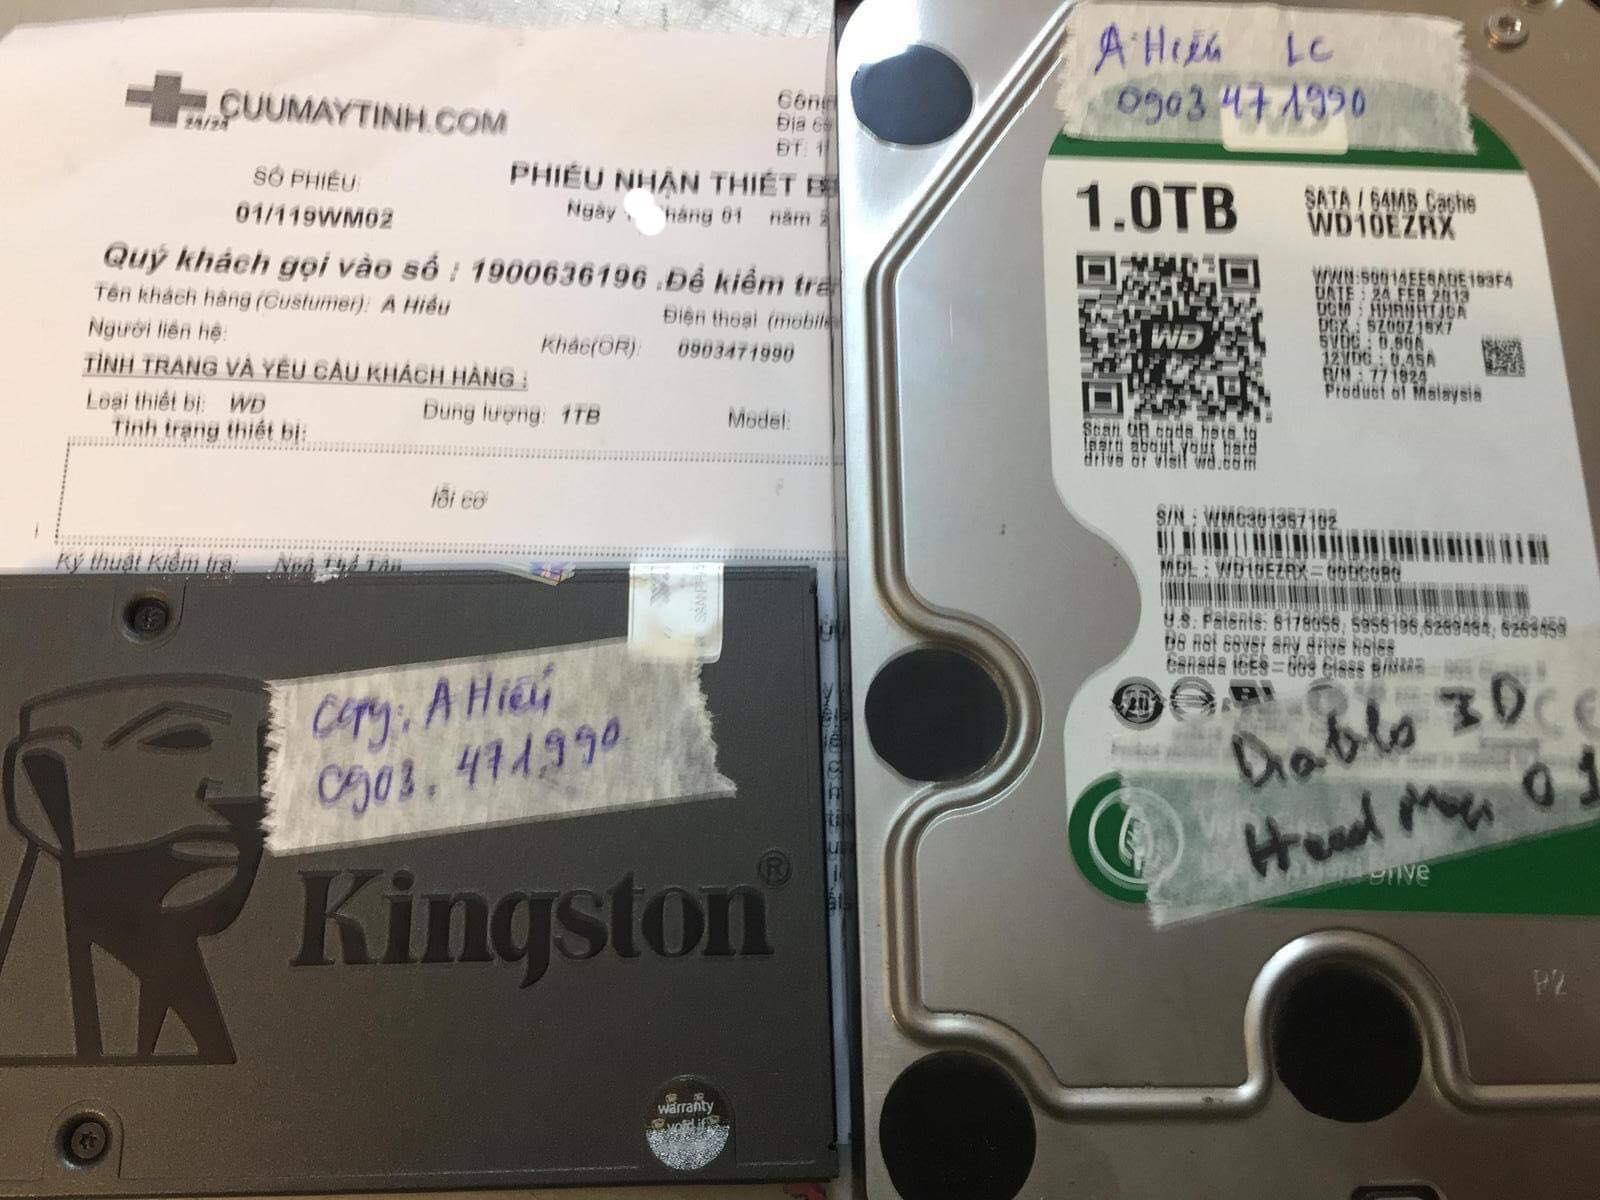 Khôi phục dữ liệu ổ cứng Western 1TB lỗi cơ 15/01/2019 - cuumaytinh